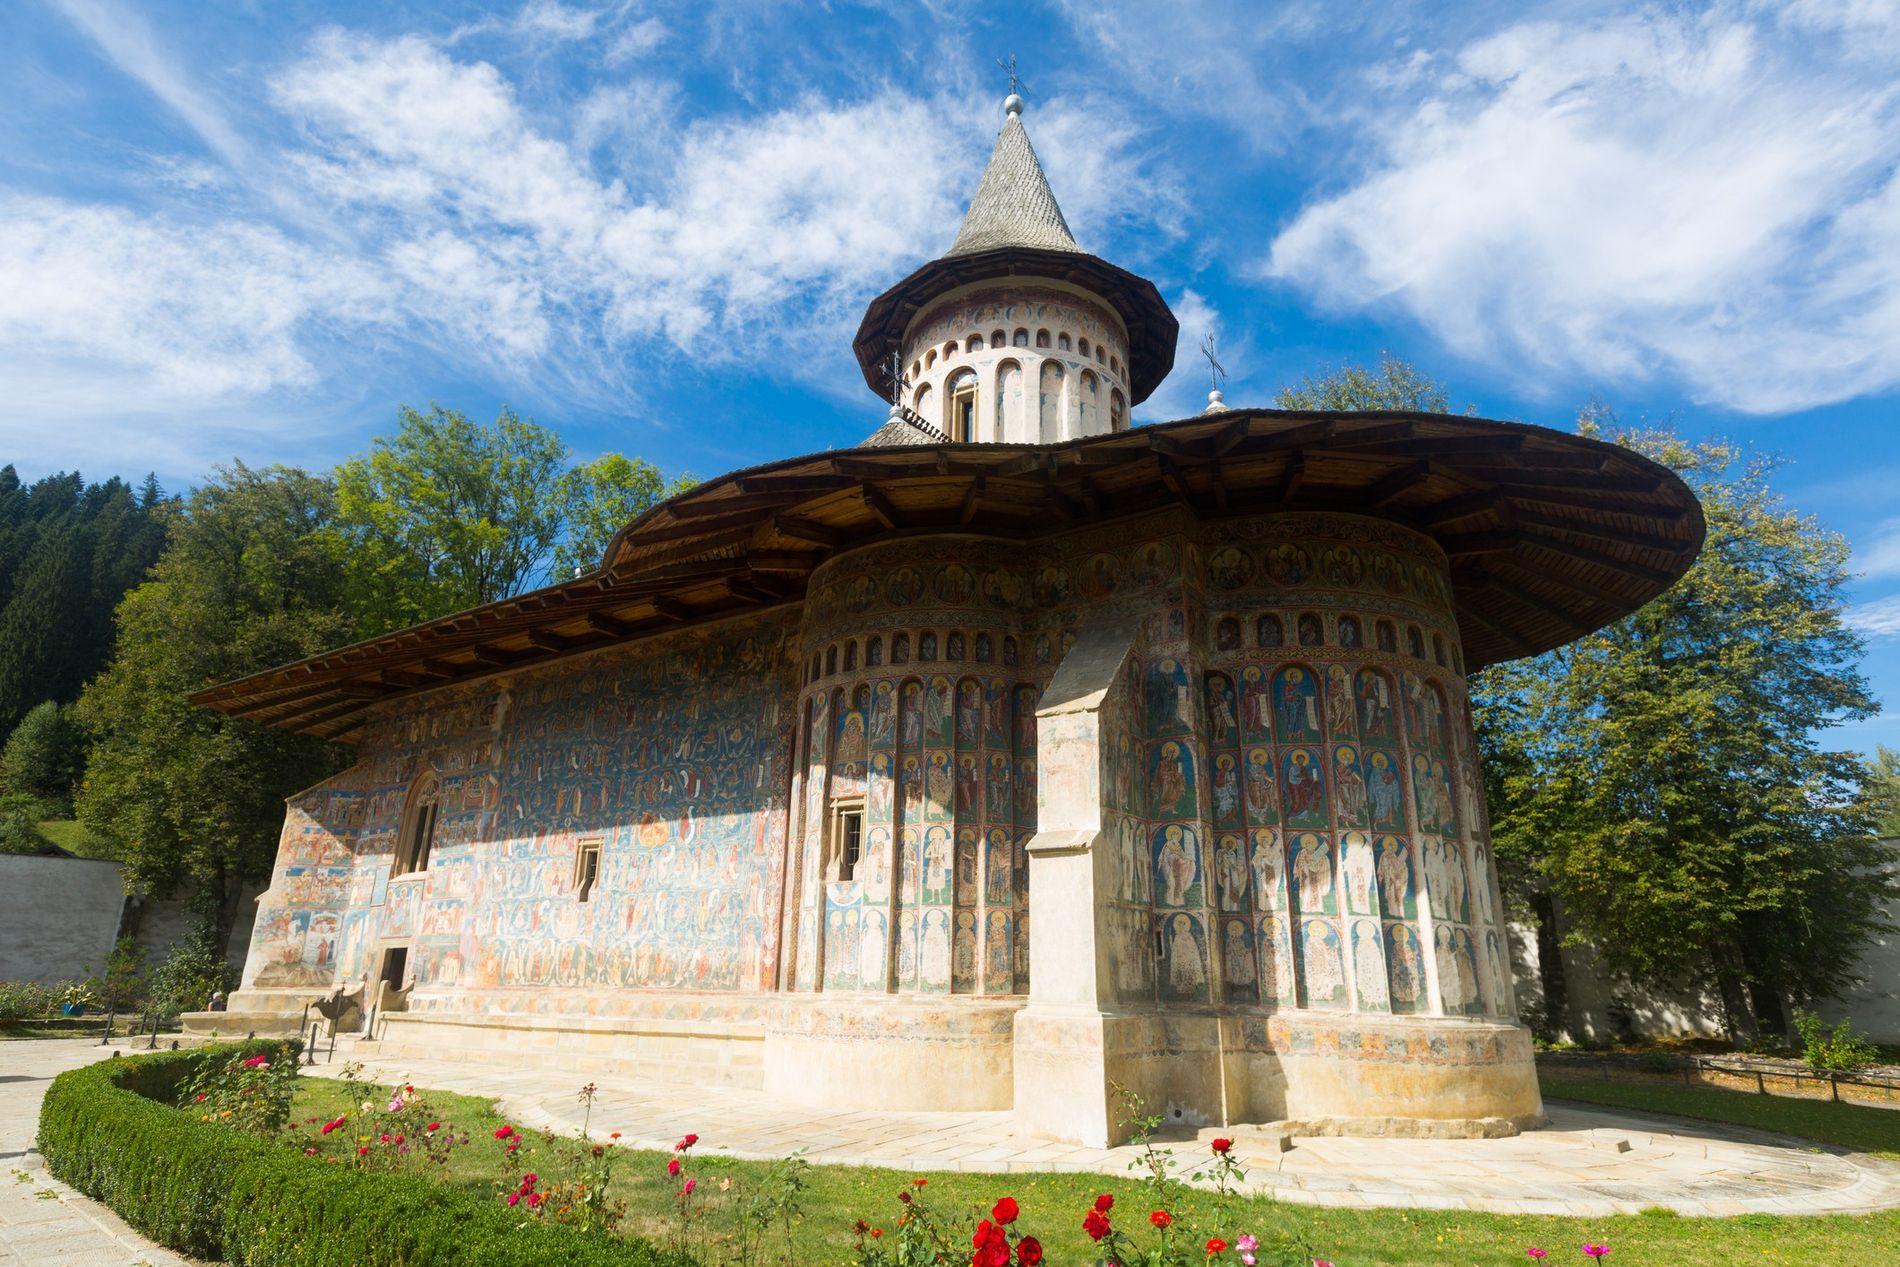 Église peinte dans le monastère de Voroneț, en Roumanie.